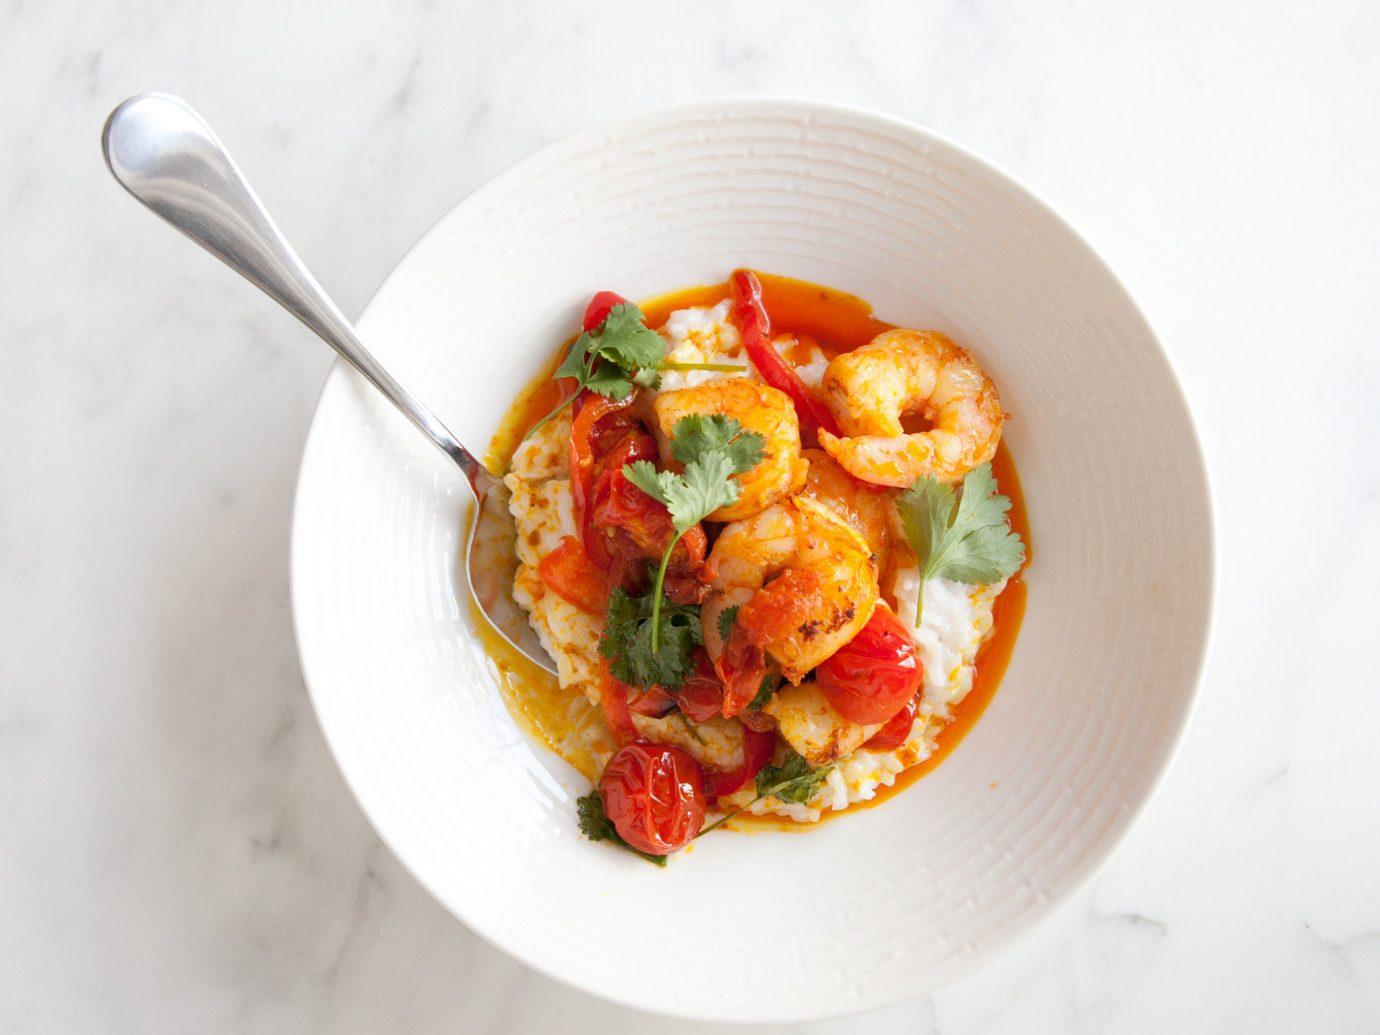 Trip Ideas Weekend Getaways dish food cuisine produce vegetable breakfast meal curry slice